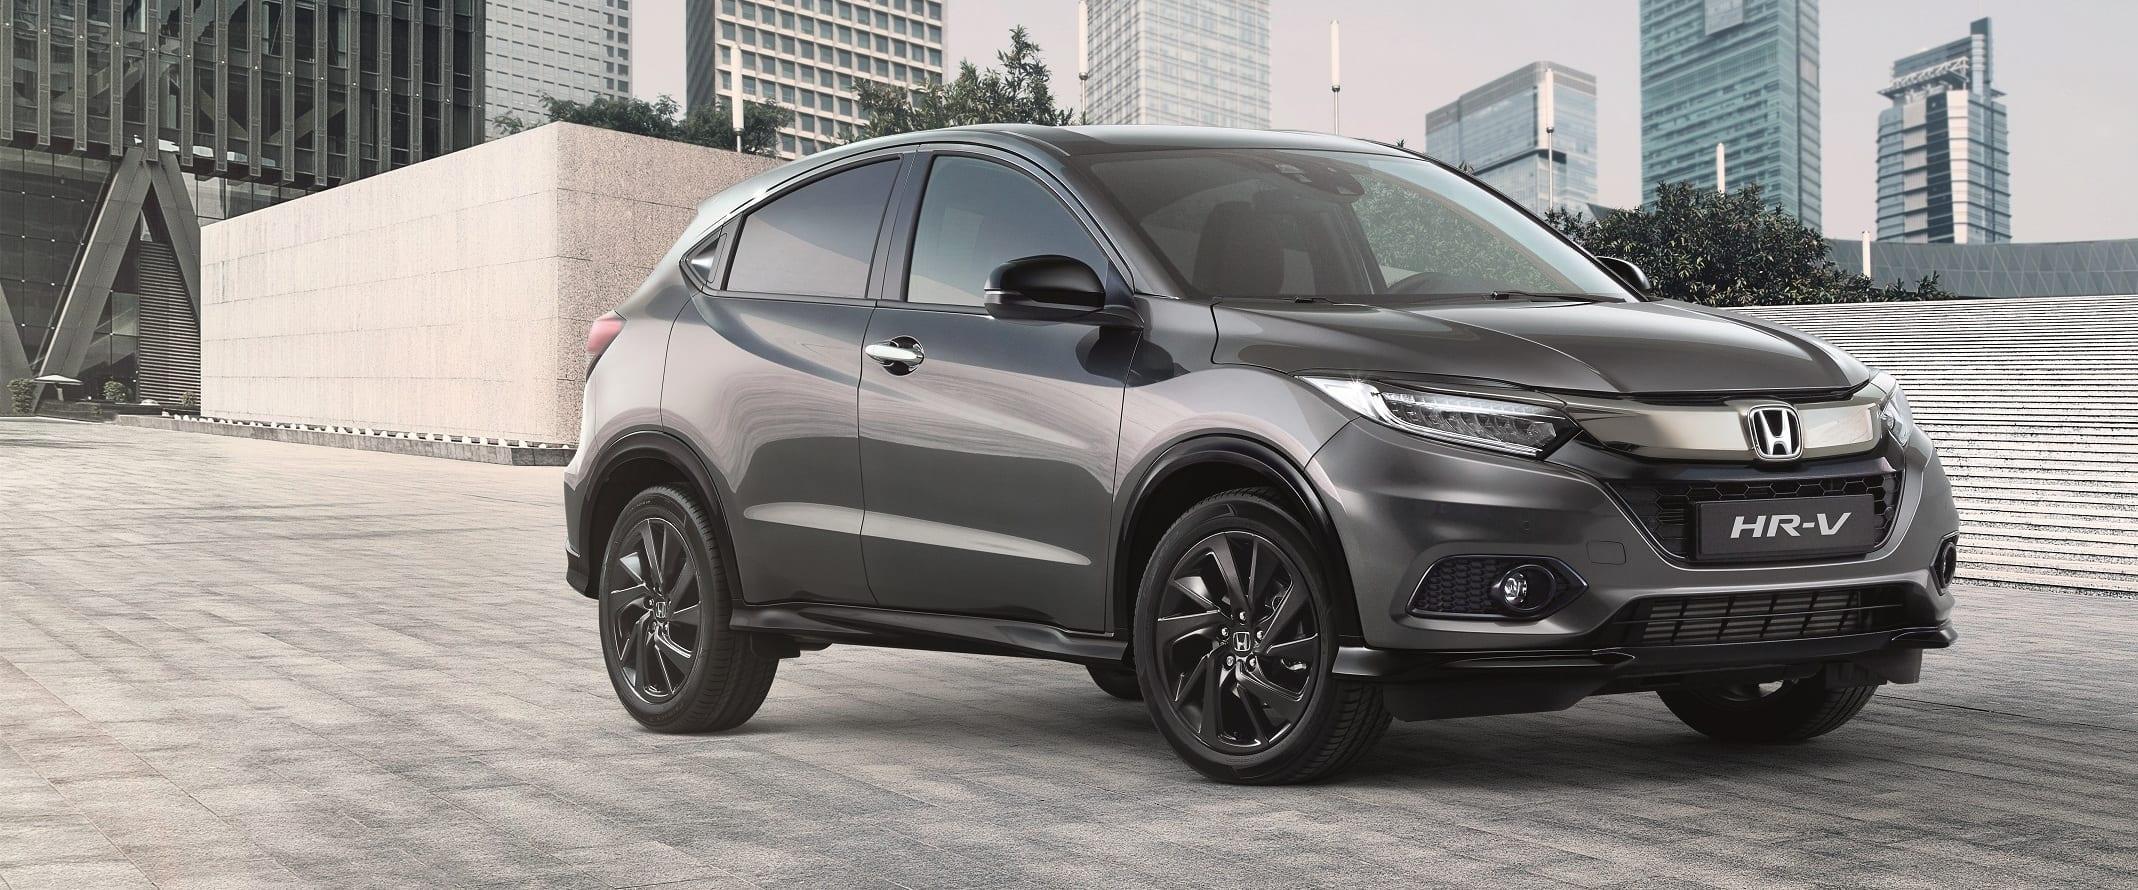 De stijlvolle veelzijdige Honda HR-V